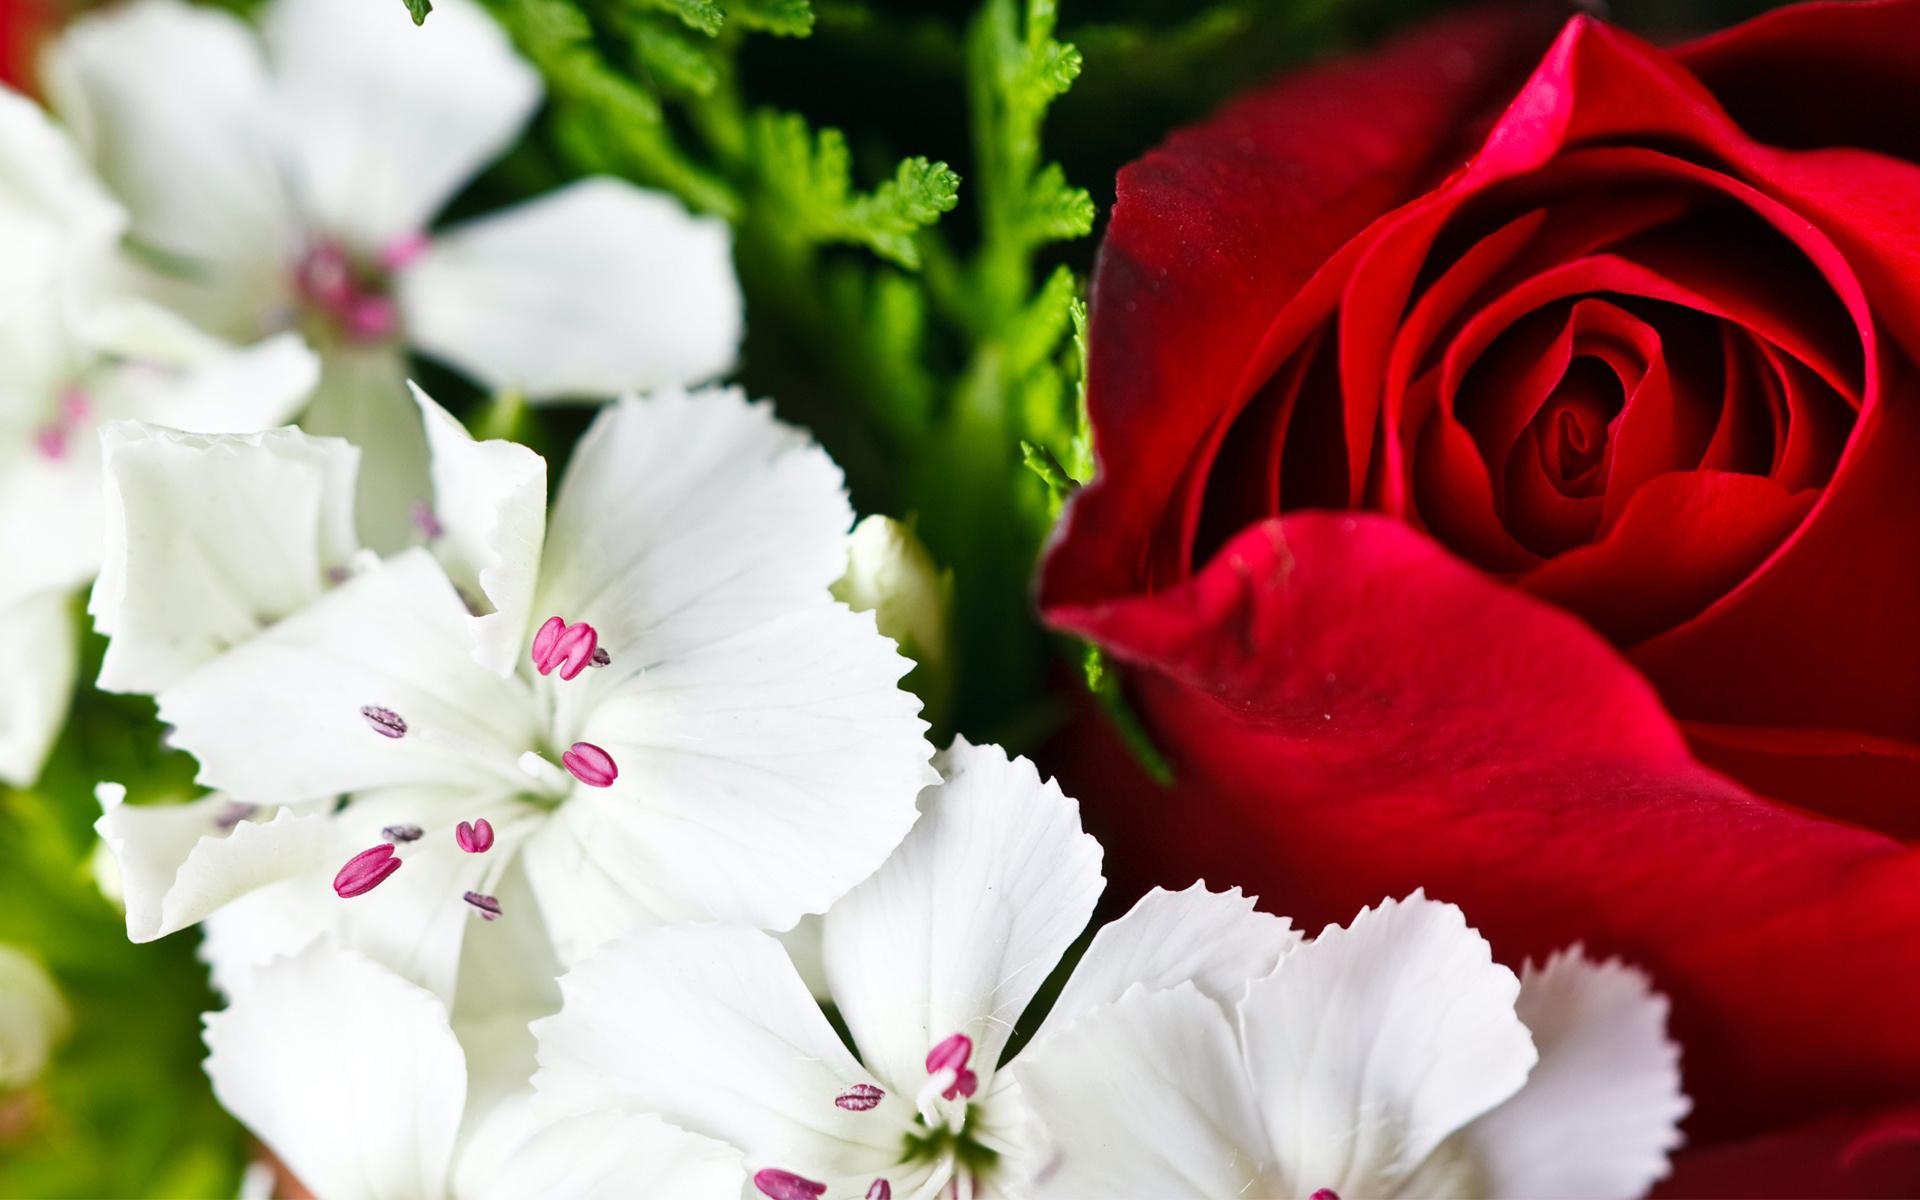 макро цветок пестик  № 3231612 без смс